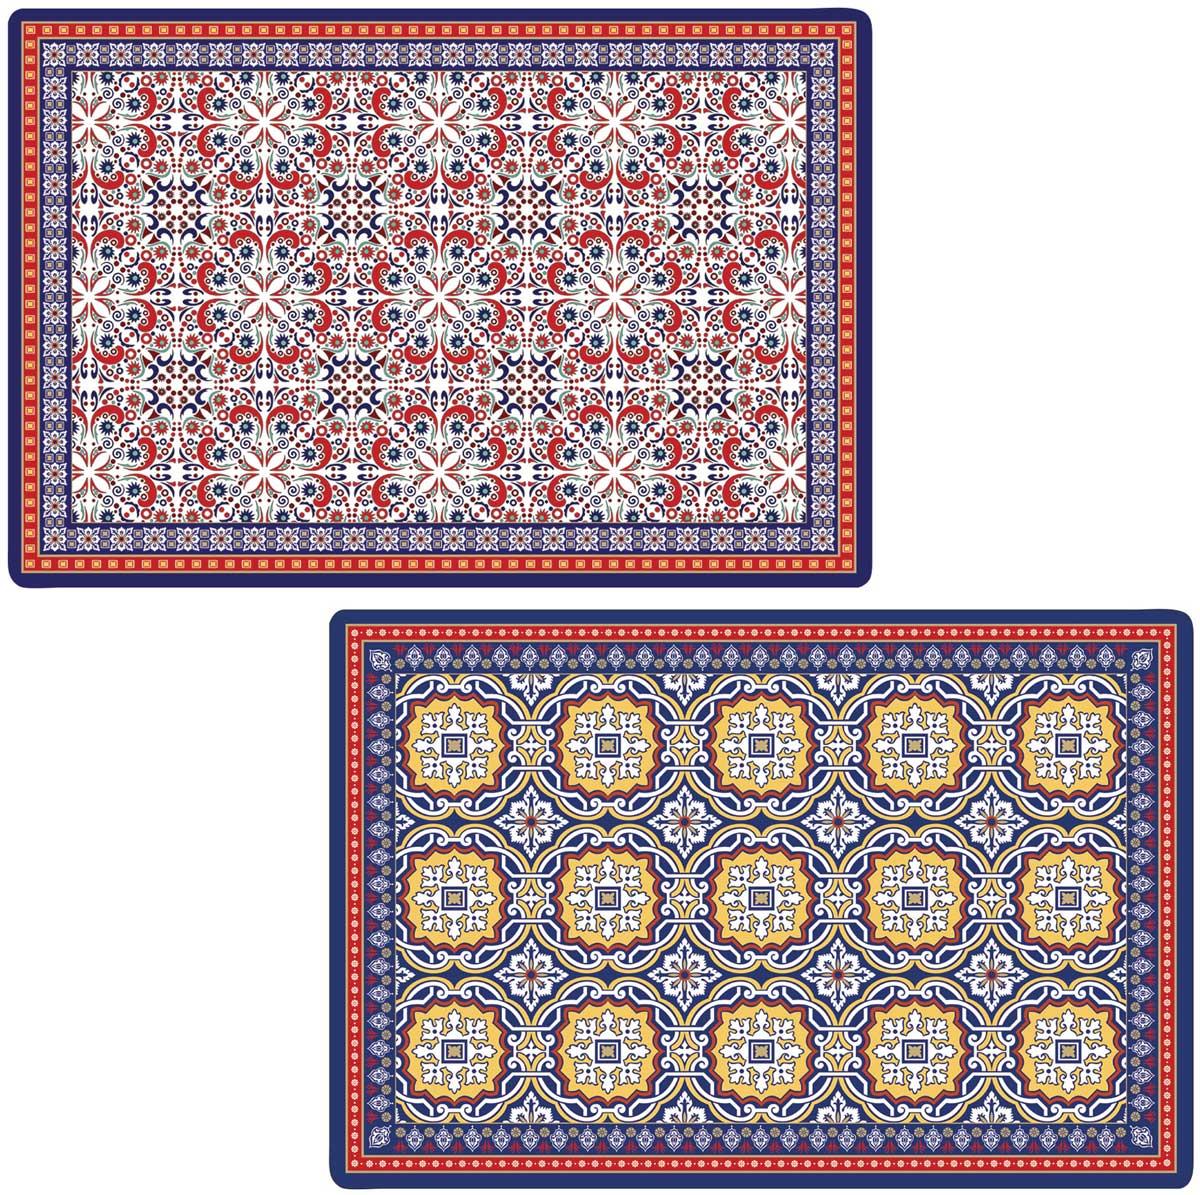 Набор салфеток под горячее Easy Life Марокко, 45 х 30 см, 4 штEL-R0172/MOROНабор Easy Life Марокко, состоящий из 4 салфеток под горячее, идеально впишется в интерьер современной кухни.Салфетки, выполненные из пластика, не впитывают влагу, легко моются, выдерживают температуру до 100°С.Каждая хозяйка знает, что салфетка под горячее - это незаменимый и очень полезный аксессуар на каждой кухне. Ваш стол будет не только украшен оригинальной салфеткой, но и сбережен от воздействия высоких температур ваших кулинарных шедевров.Размер салфетки: 45 см х 30 см.Итальянская компания Easy Life (Nuova R2S) - является лидером производства кухонной посуды и аксессуаров для дома в Италии. Центральный офис компании находится в Италии, производство расположено в Италии и Китае.Концепция выпускаемой продукции заключается в создании единой дизайнерской линии предметов сервировки стола, оформления интерьера кухни или столовой комнаты. Вся продукция производится из современных и экологически чистых материалов: фарфора, стекла, пластика и дерева.Продукция компании Easy Life (Nuova R2S) отличается современным дизайном, и легкостью в эксплуатации. Компания работает в тесном сотрудничестве с лучшими итальянскими художниками и дизайнерами.